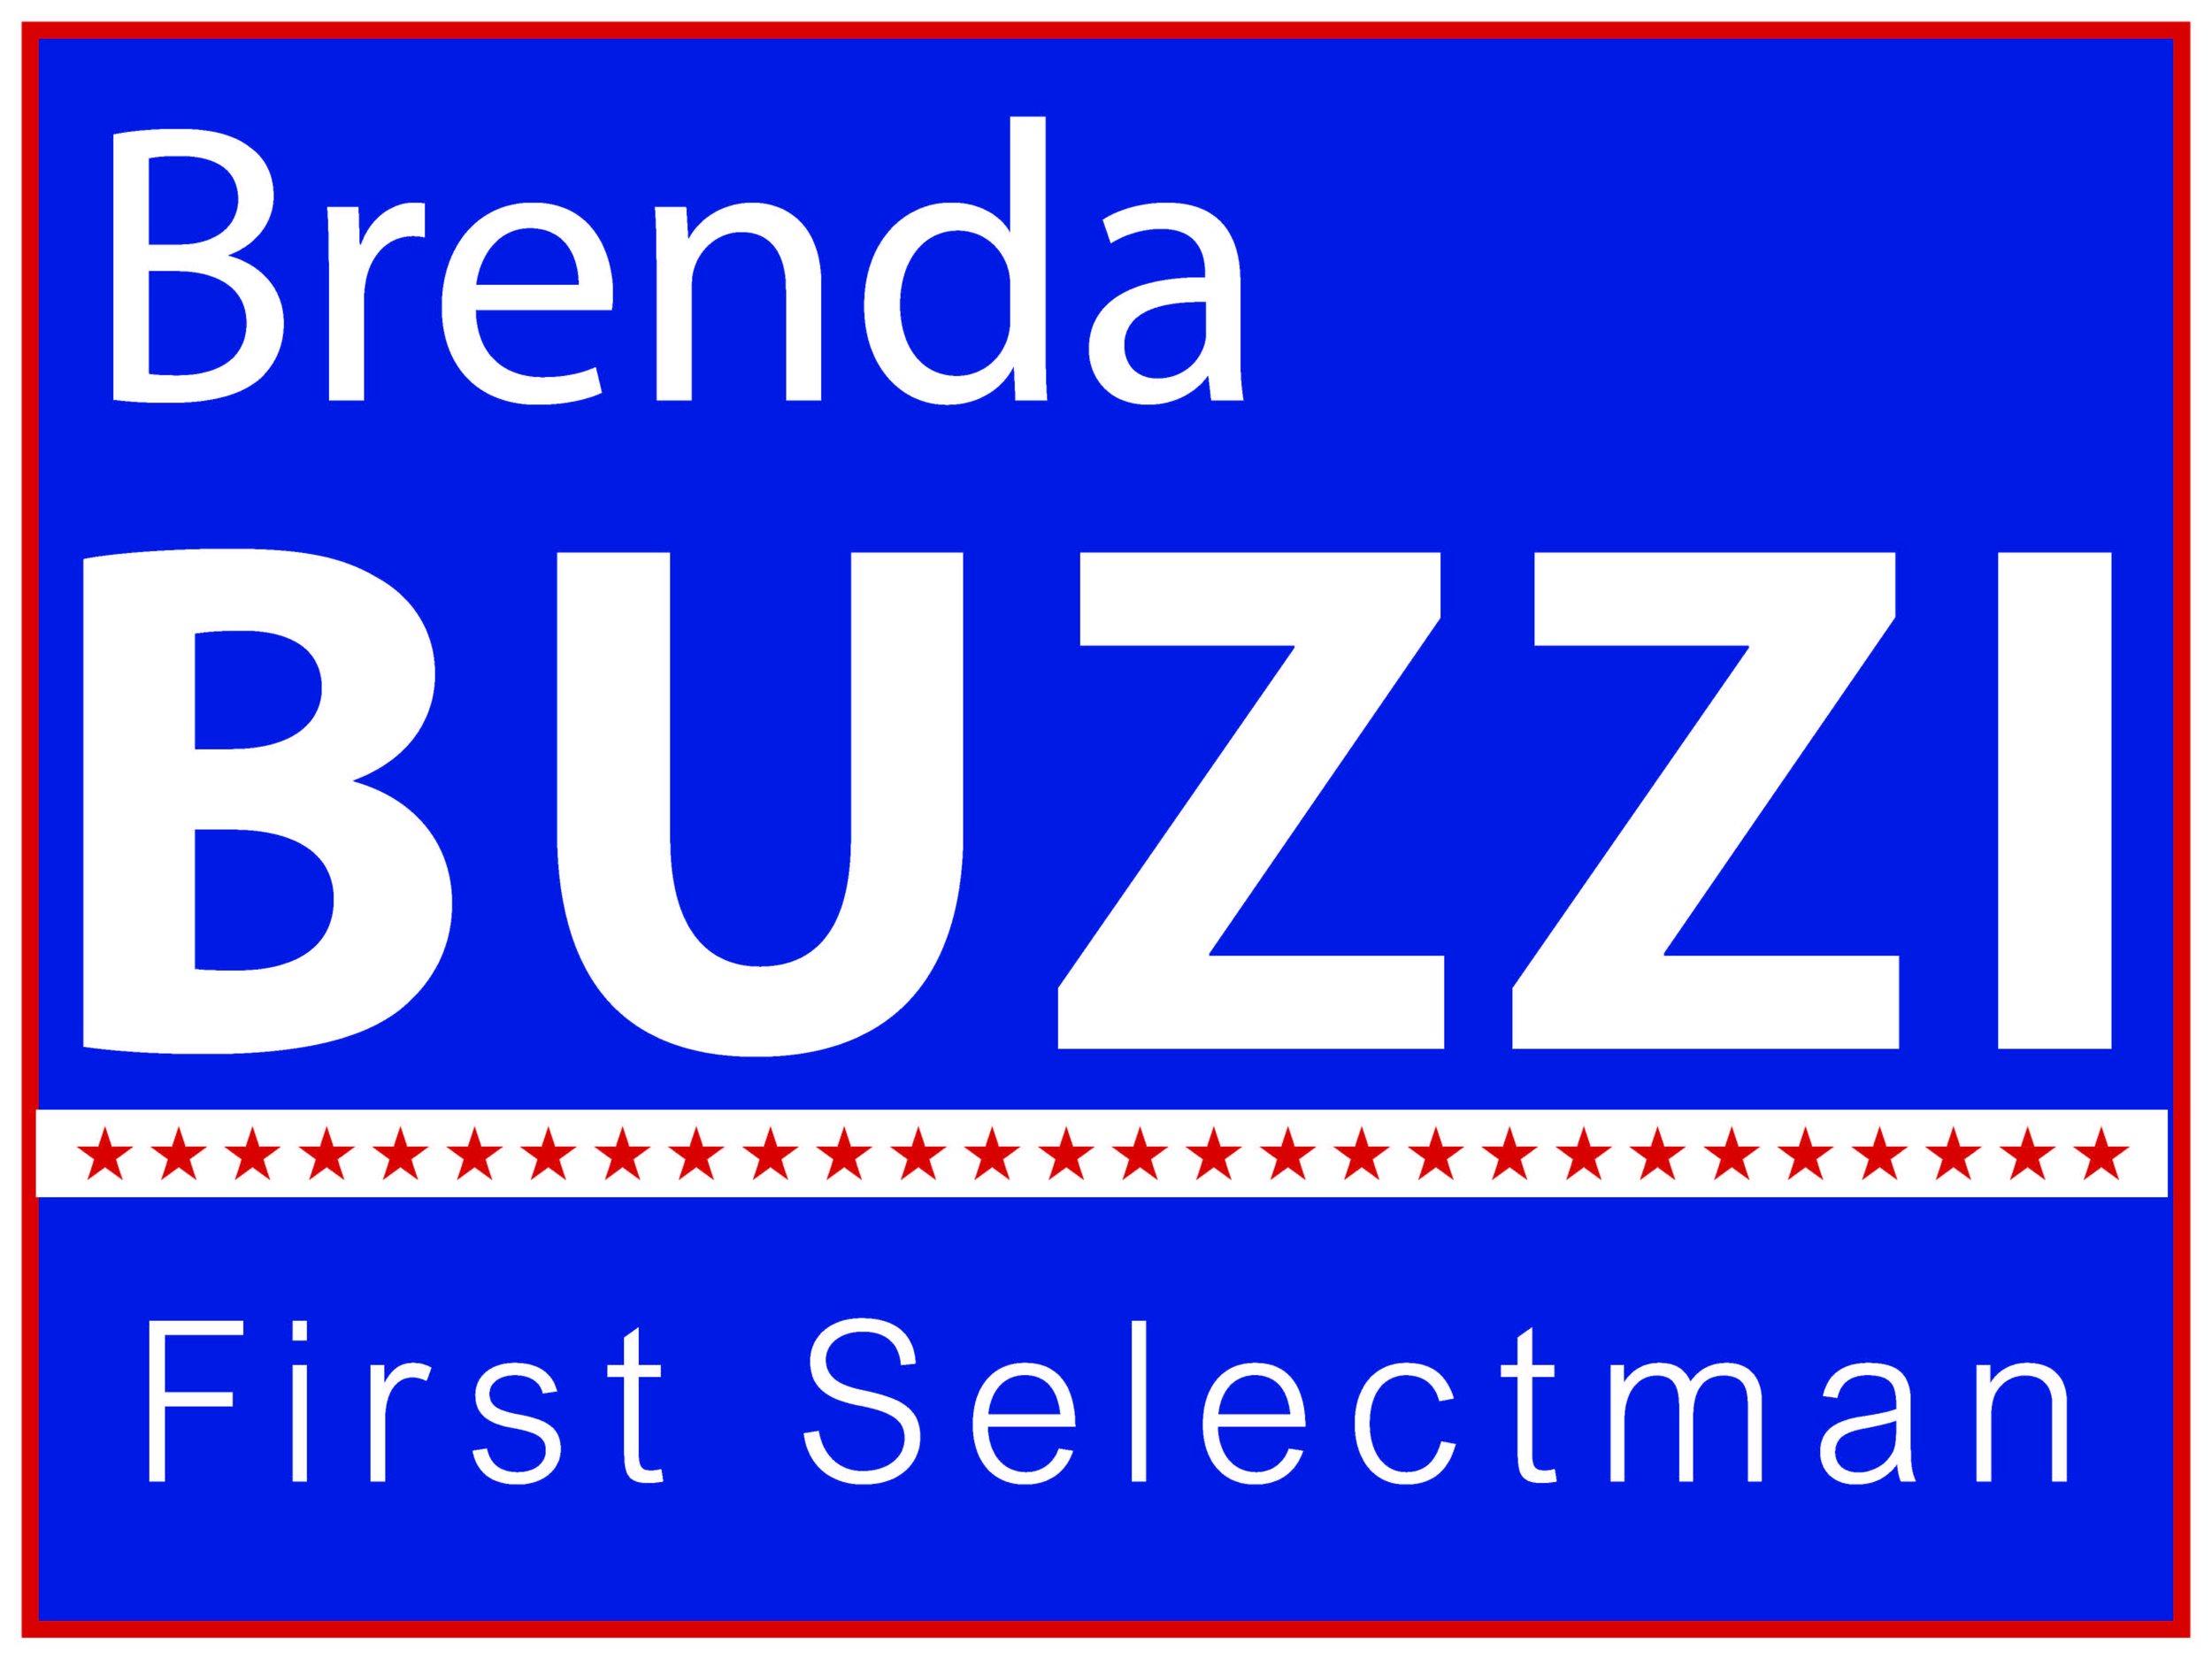 Brenda Buzzi Sign.jpg